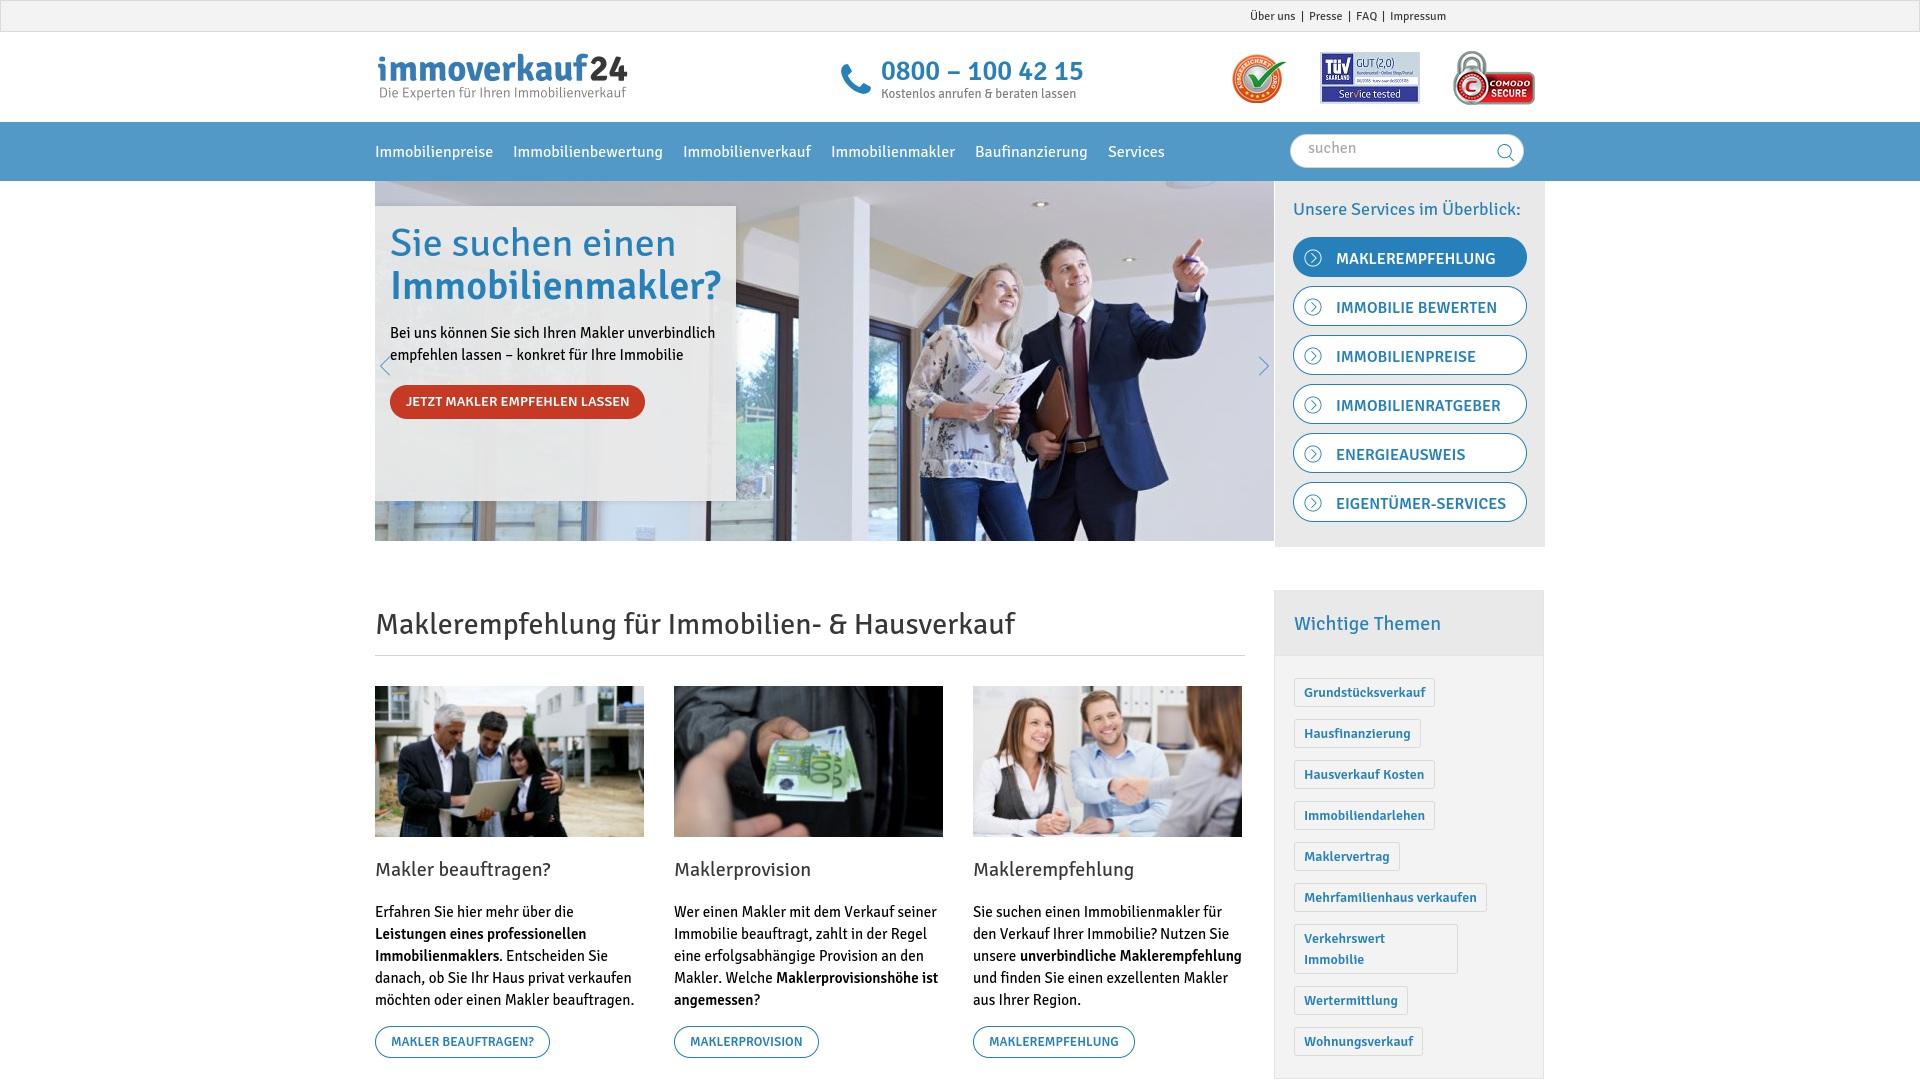 Gutschein für Immoverkauf24: Rabatte für  Immoverkauf24 sichern